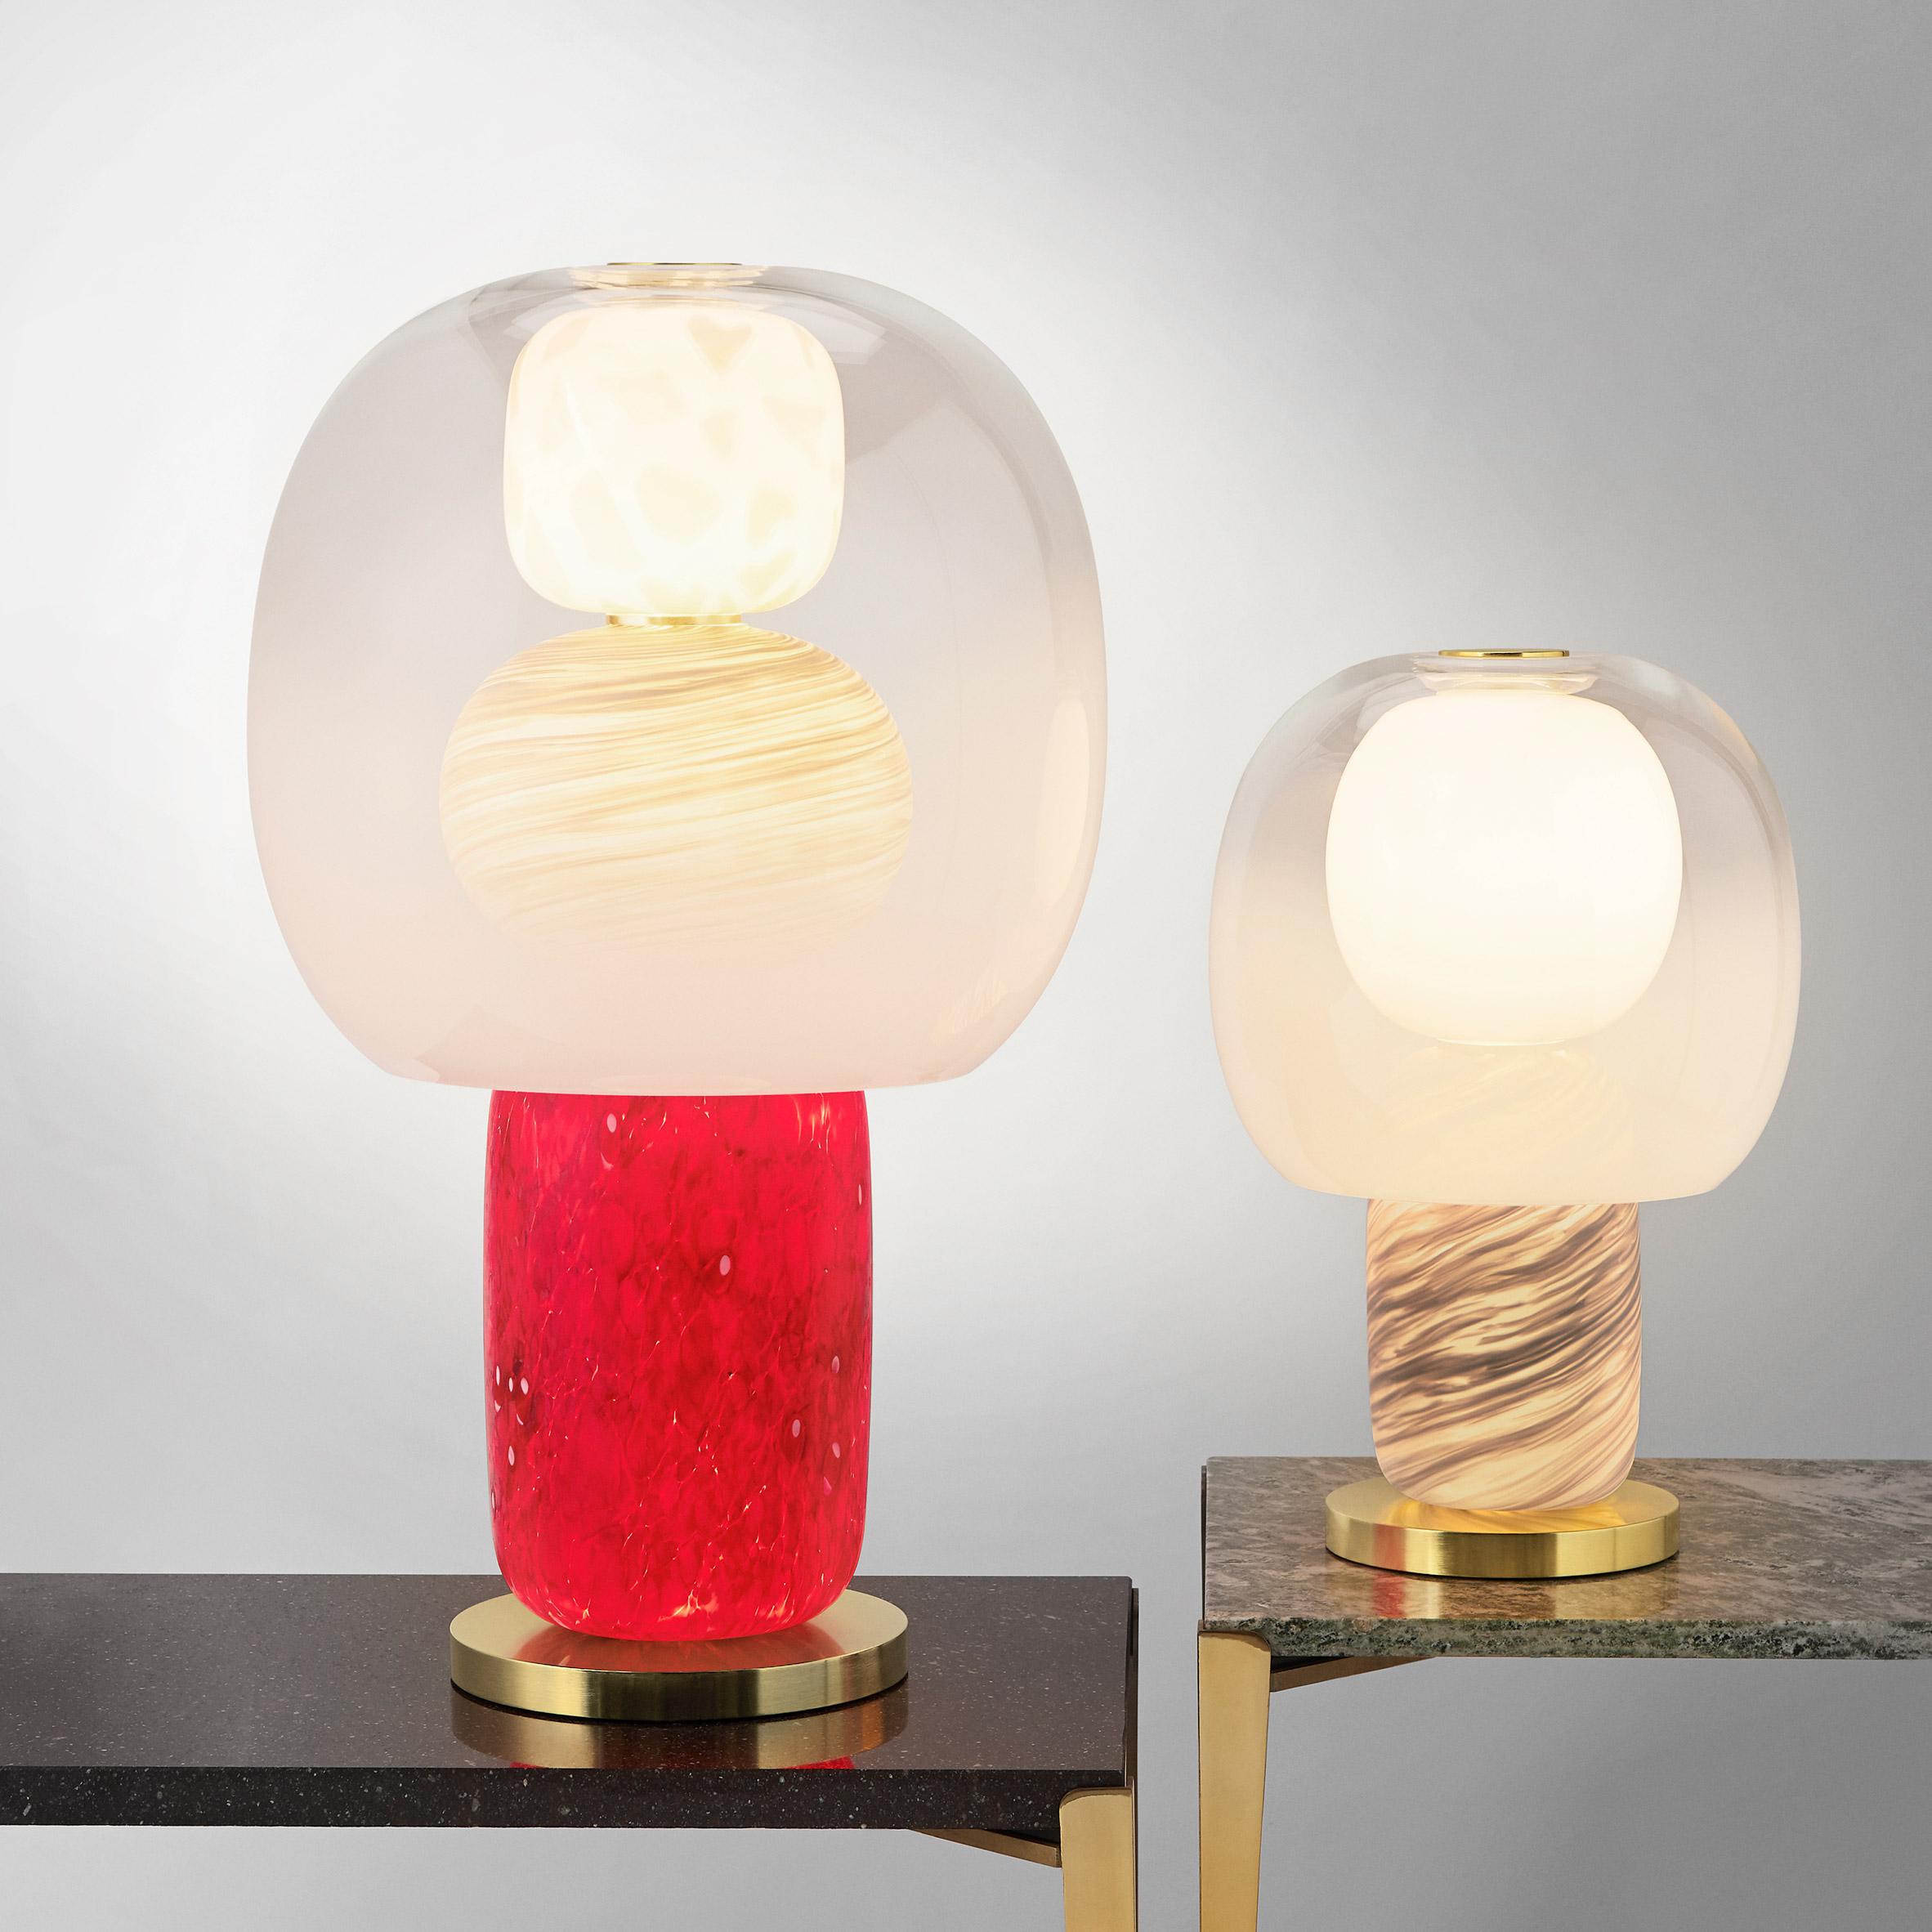 đèn thủy tinh 1